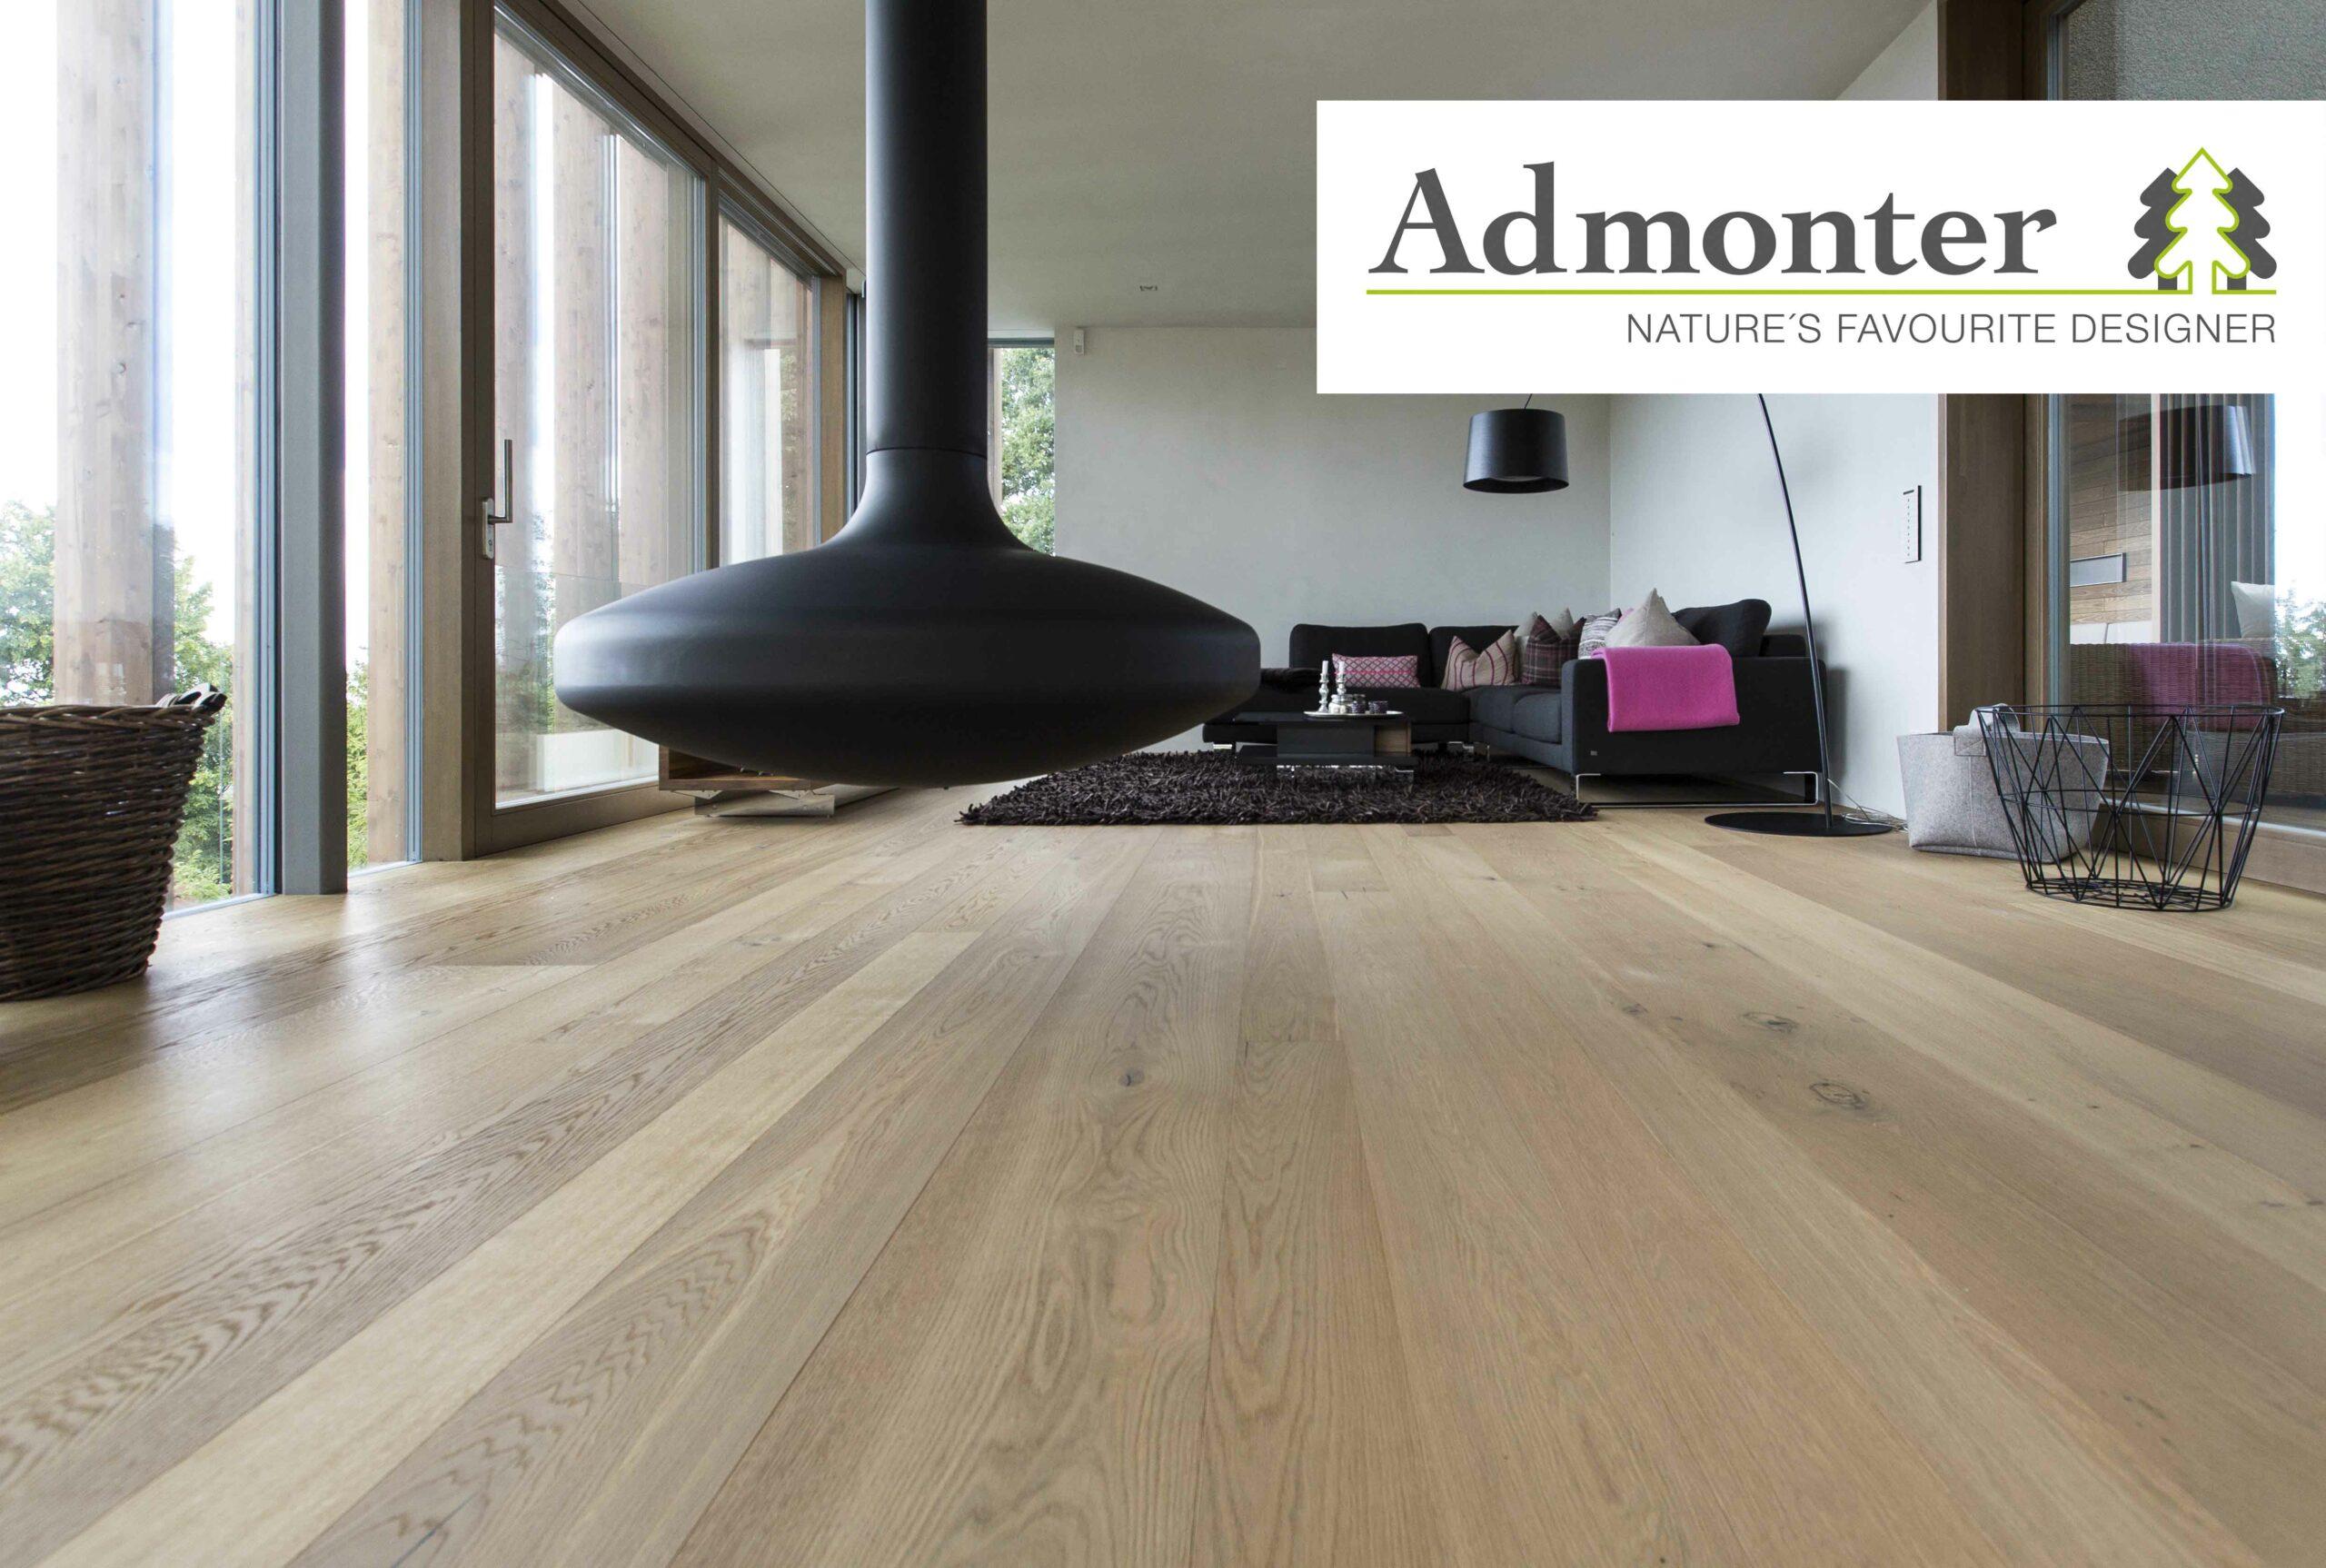 Admonter Floors Eiche Parkett Landhausdiele stone naturelle